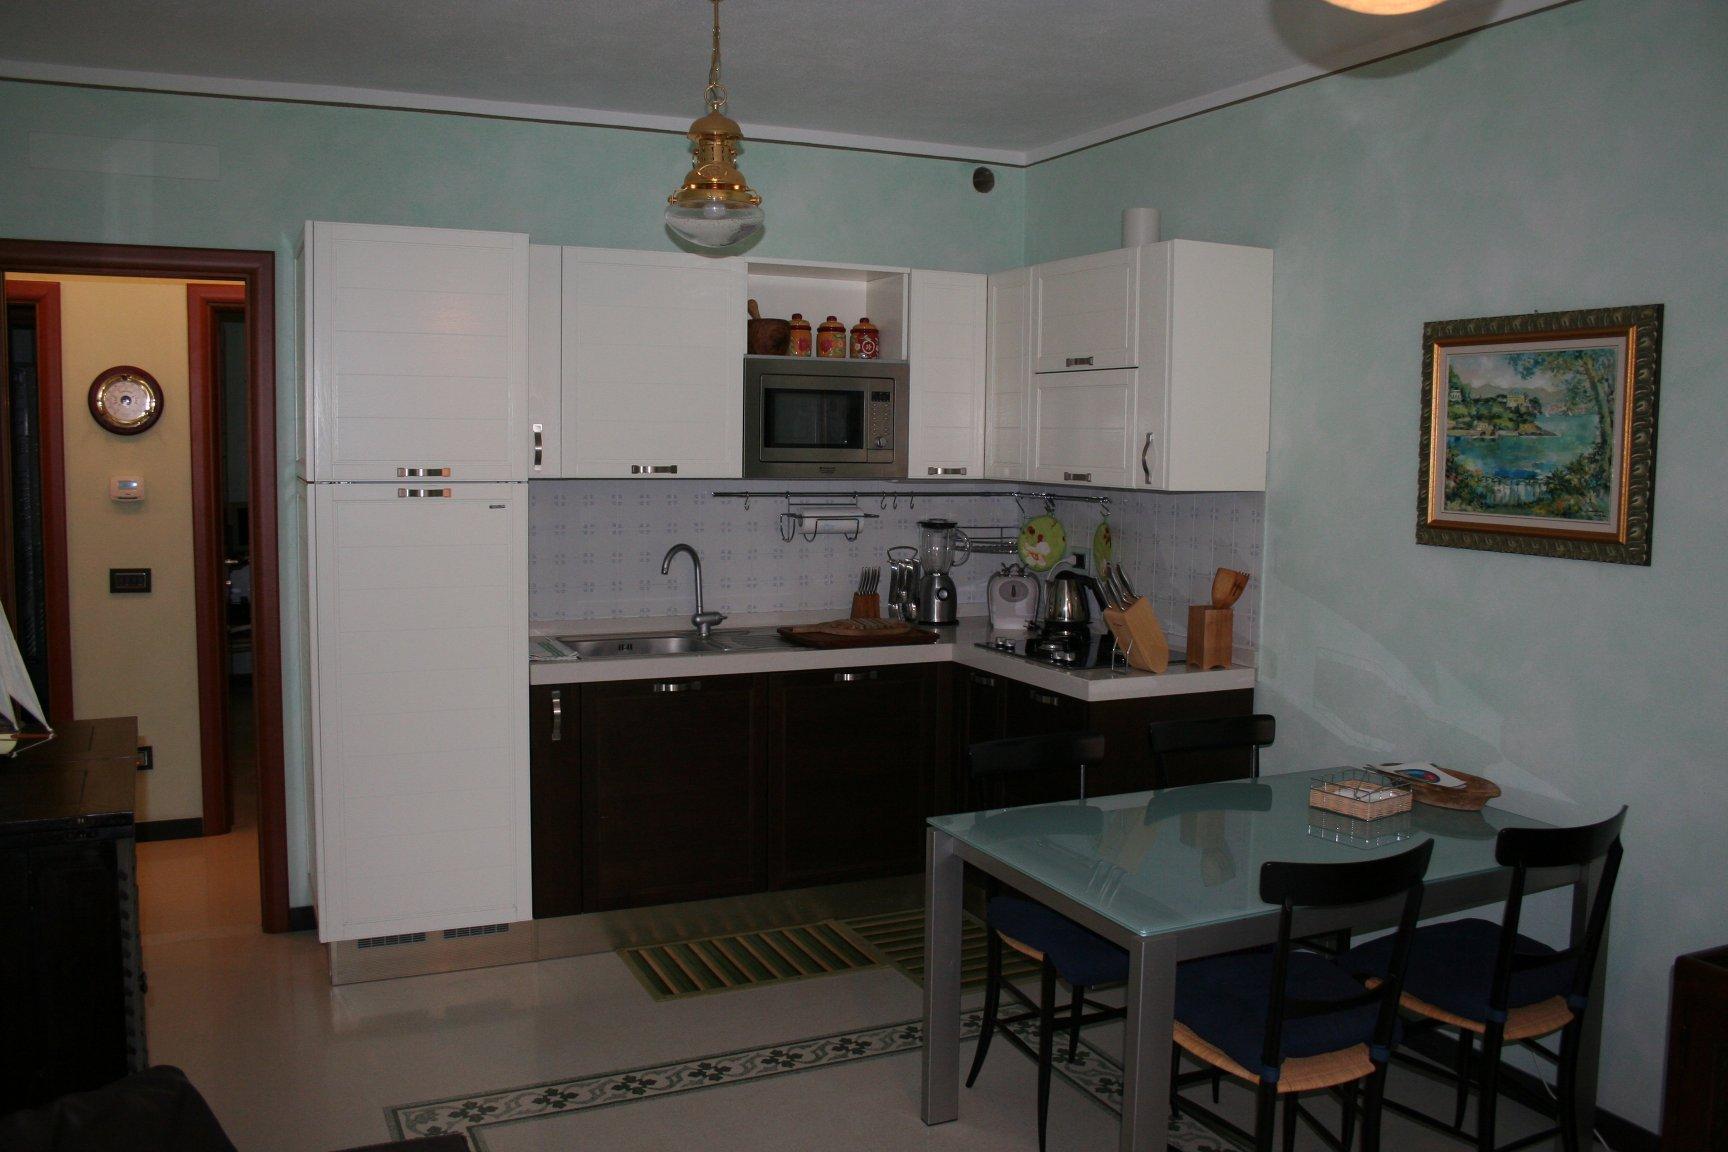 Cucine a vista sul soggiorno : cucine a vista su soggiorno. cucine ...